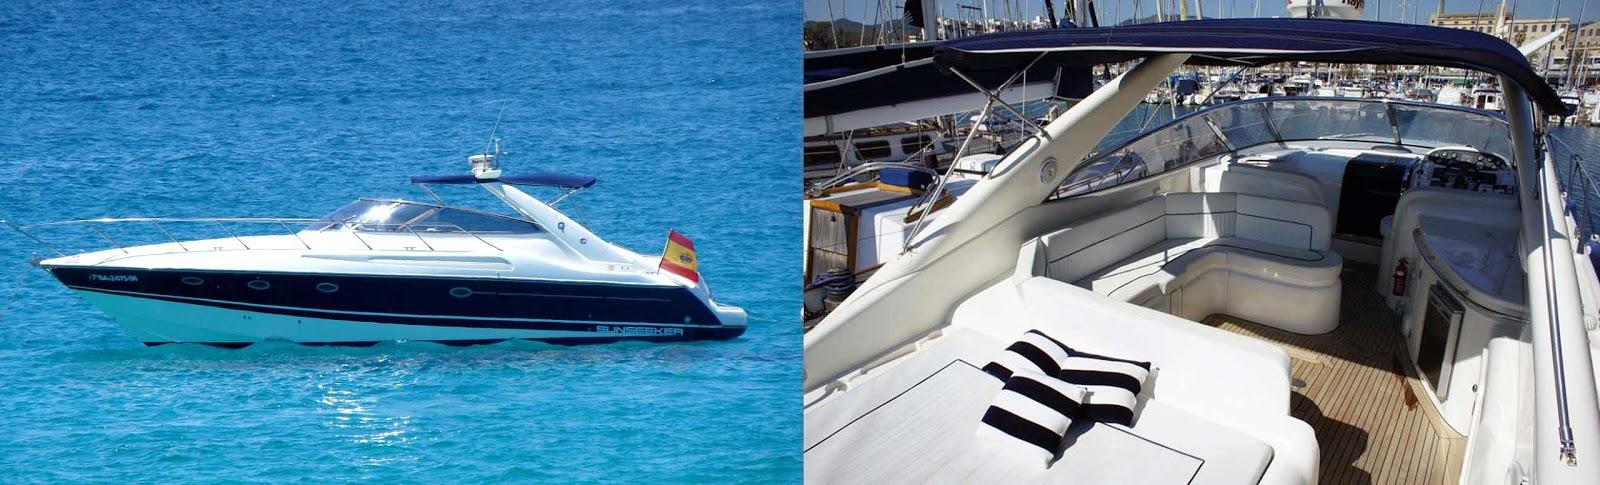 Caracteristicas Baño Adaptado:Barco + Pereyra, lujo adaptado y folk ibicenco